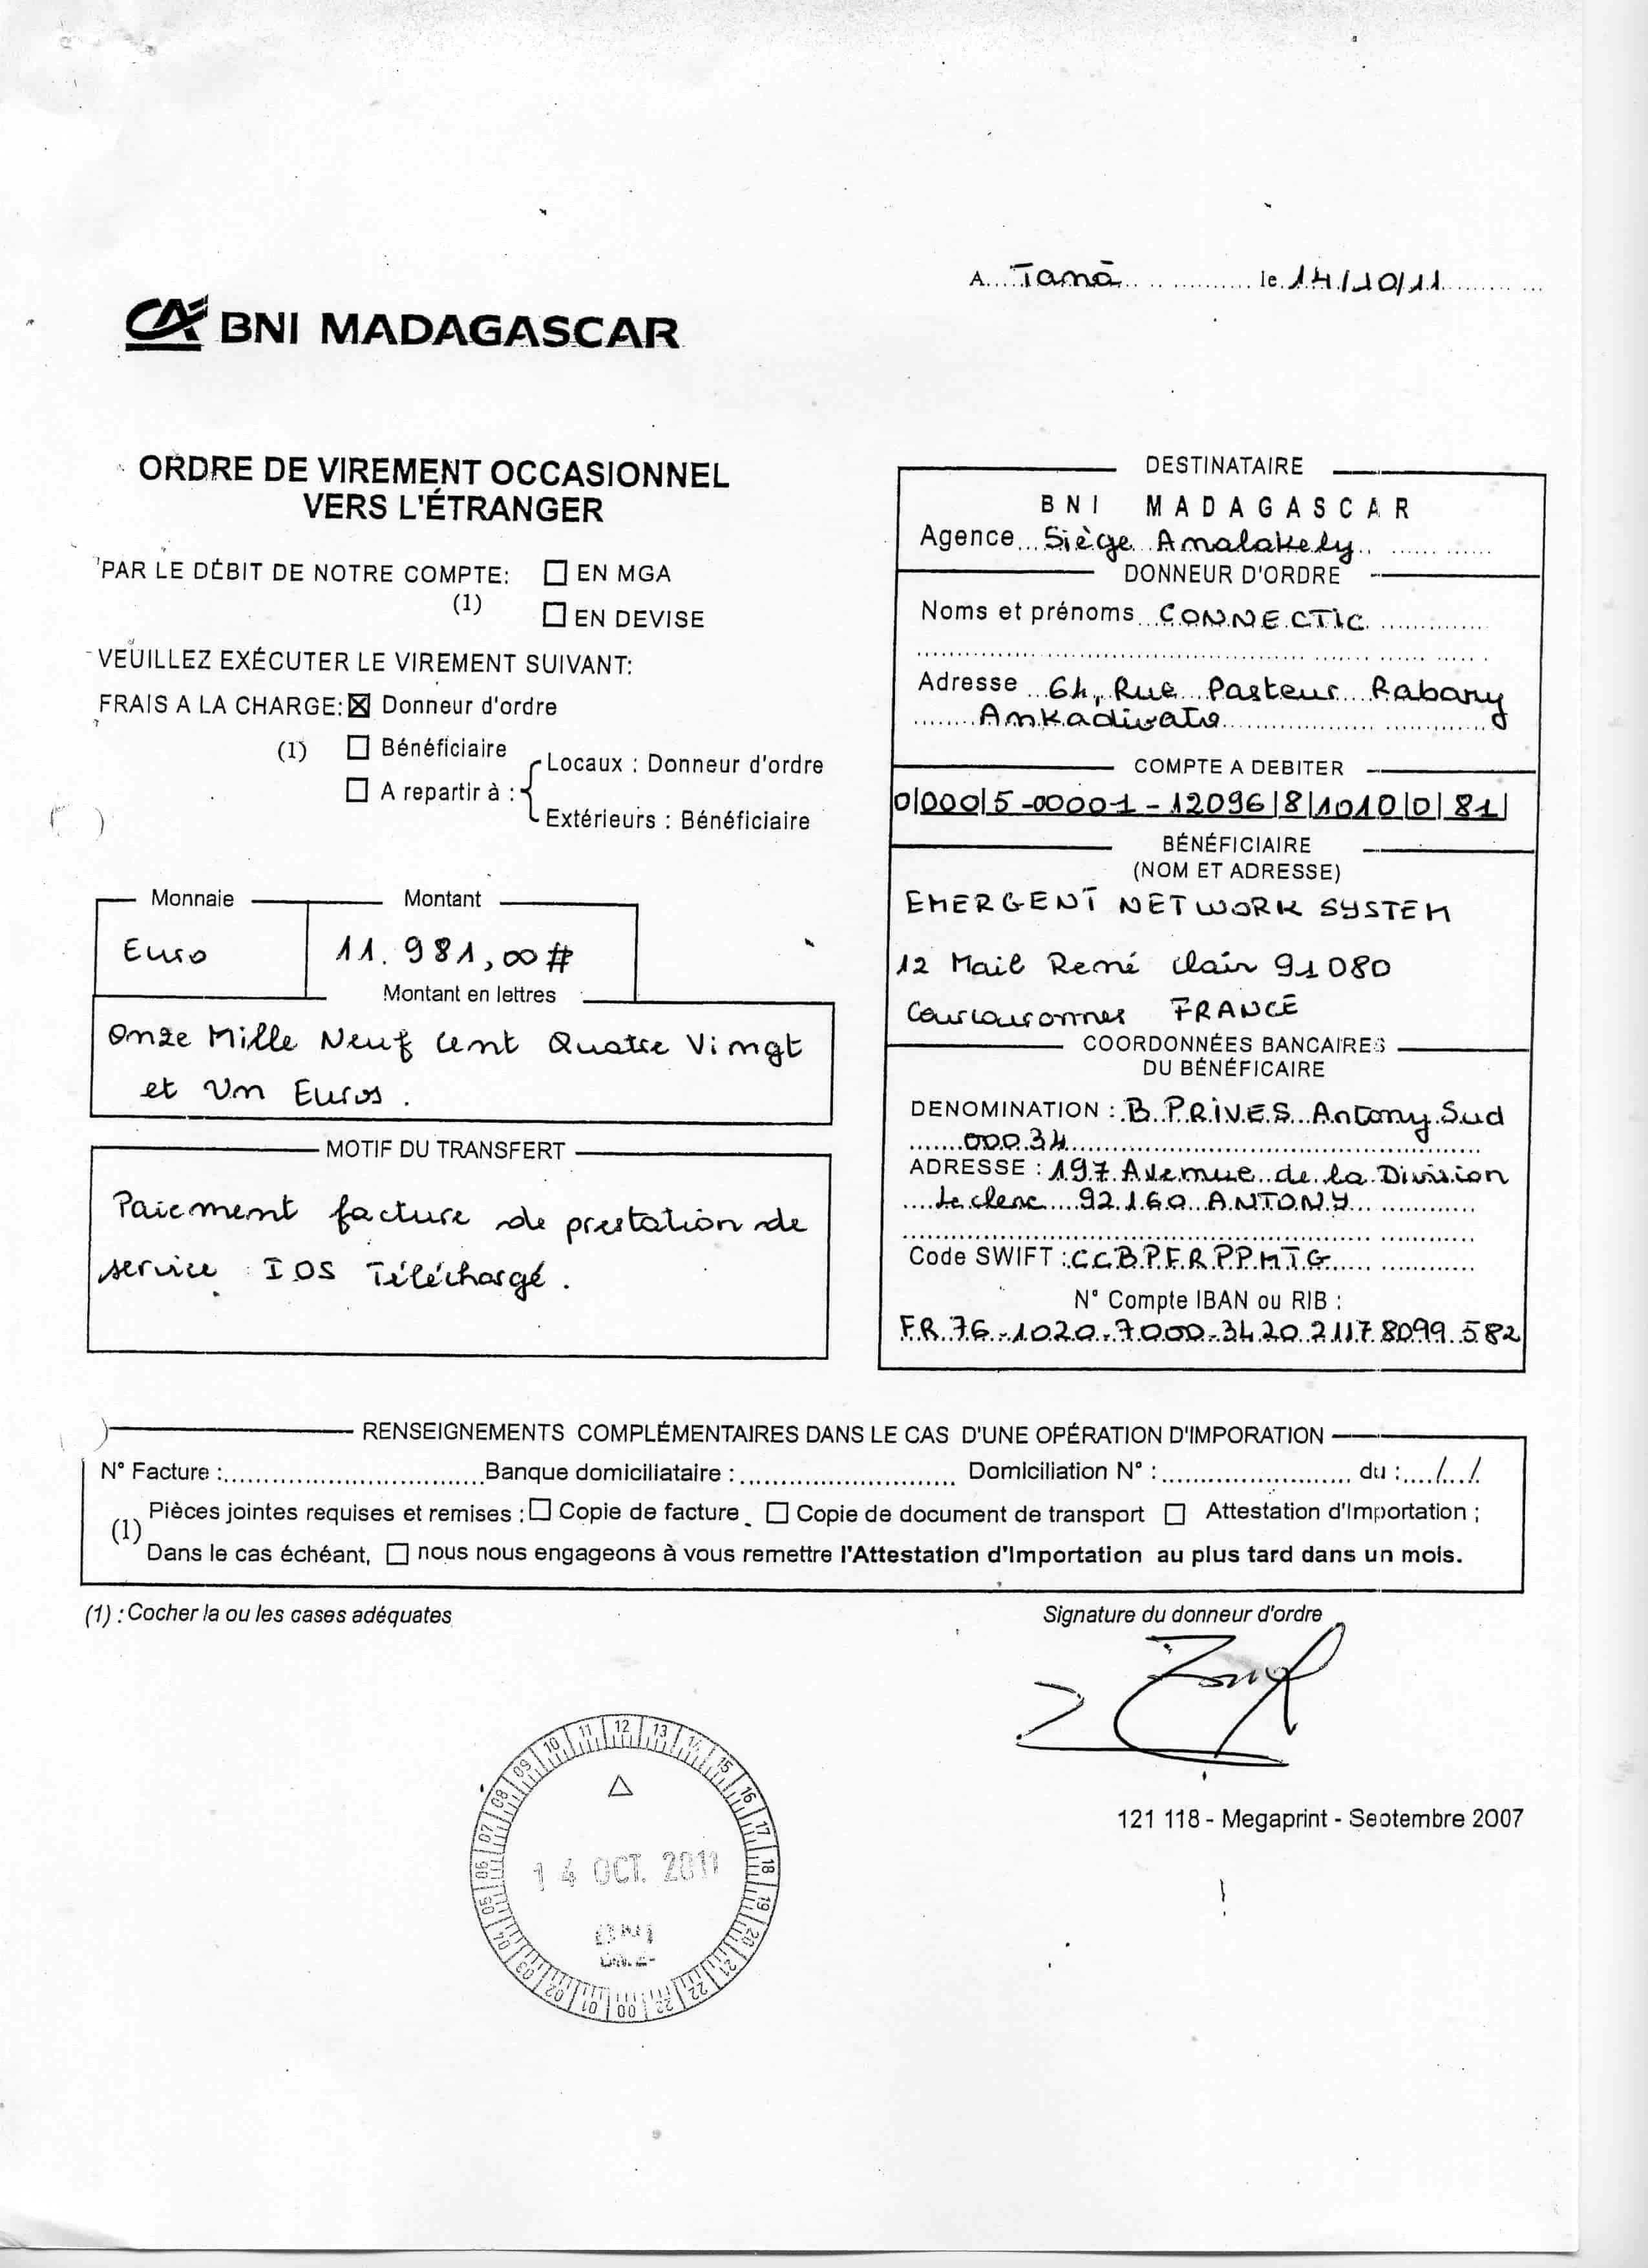 2011, RANARISON Tsilavo NEXTHOPE a signé tous avis de virement de CONNECTIC vers sa maison mère EMERGENT